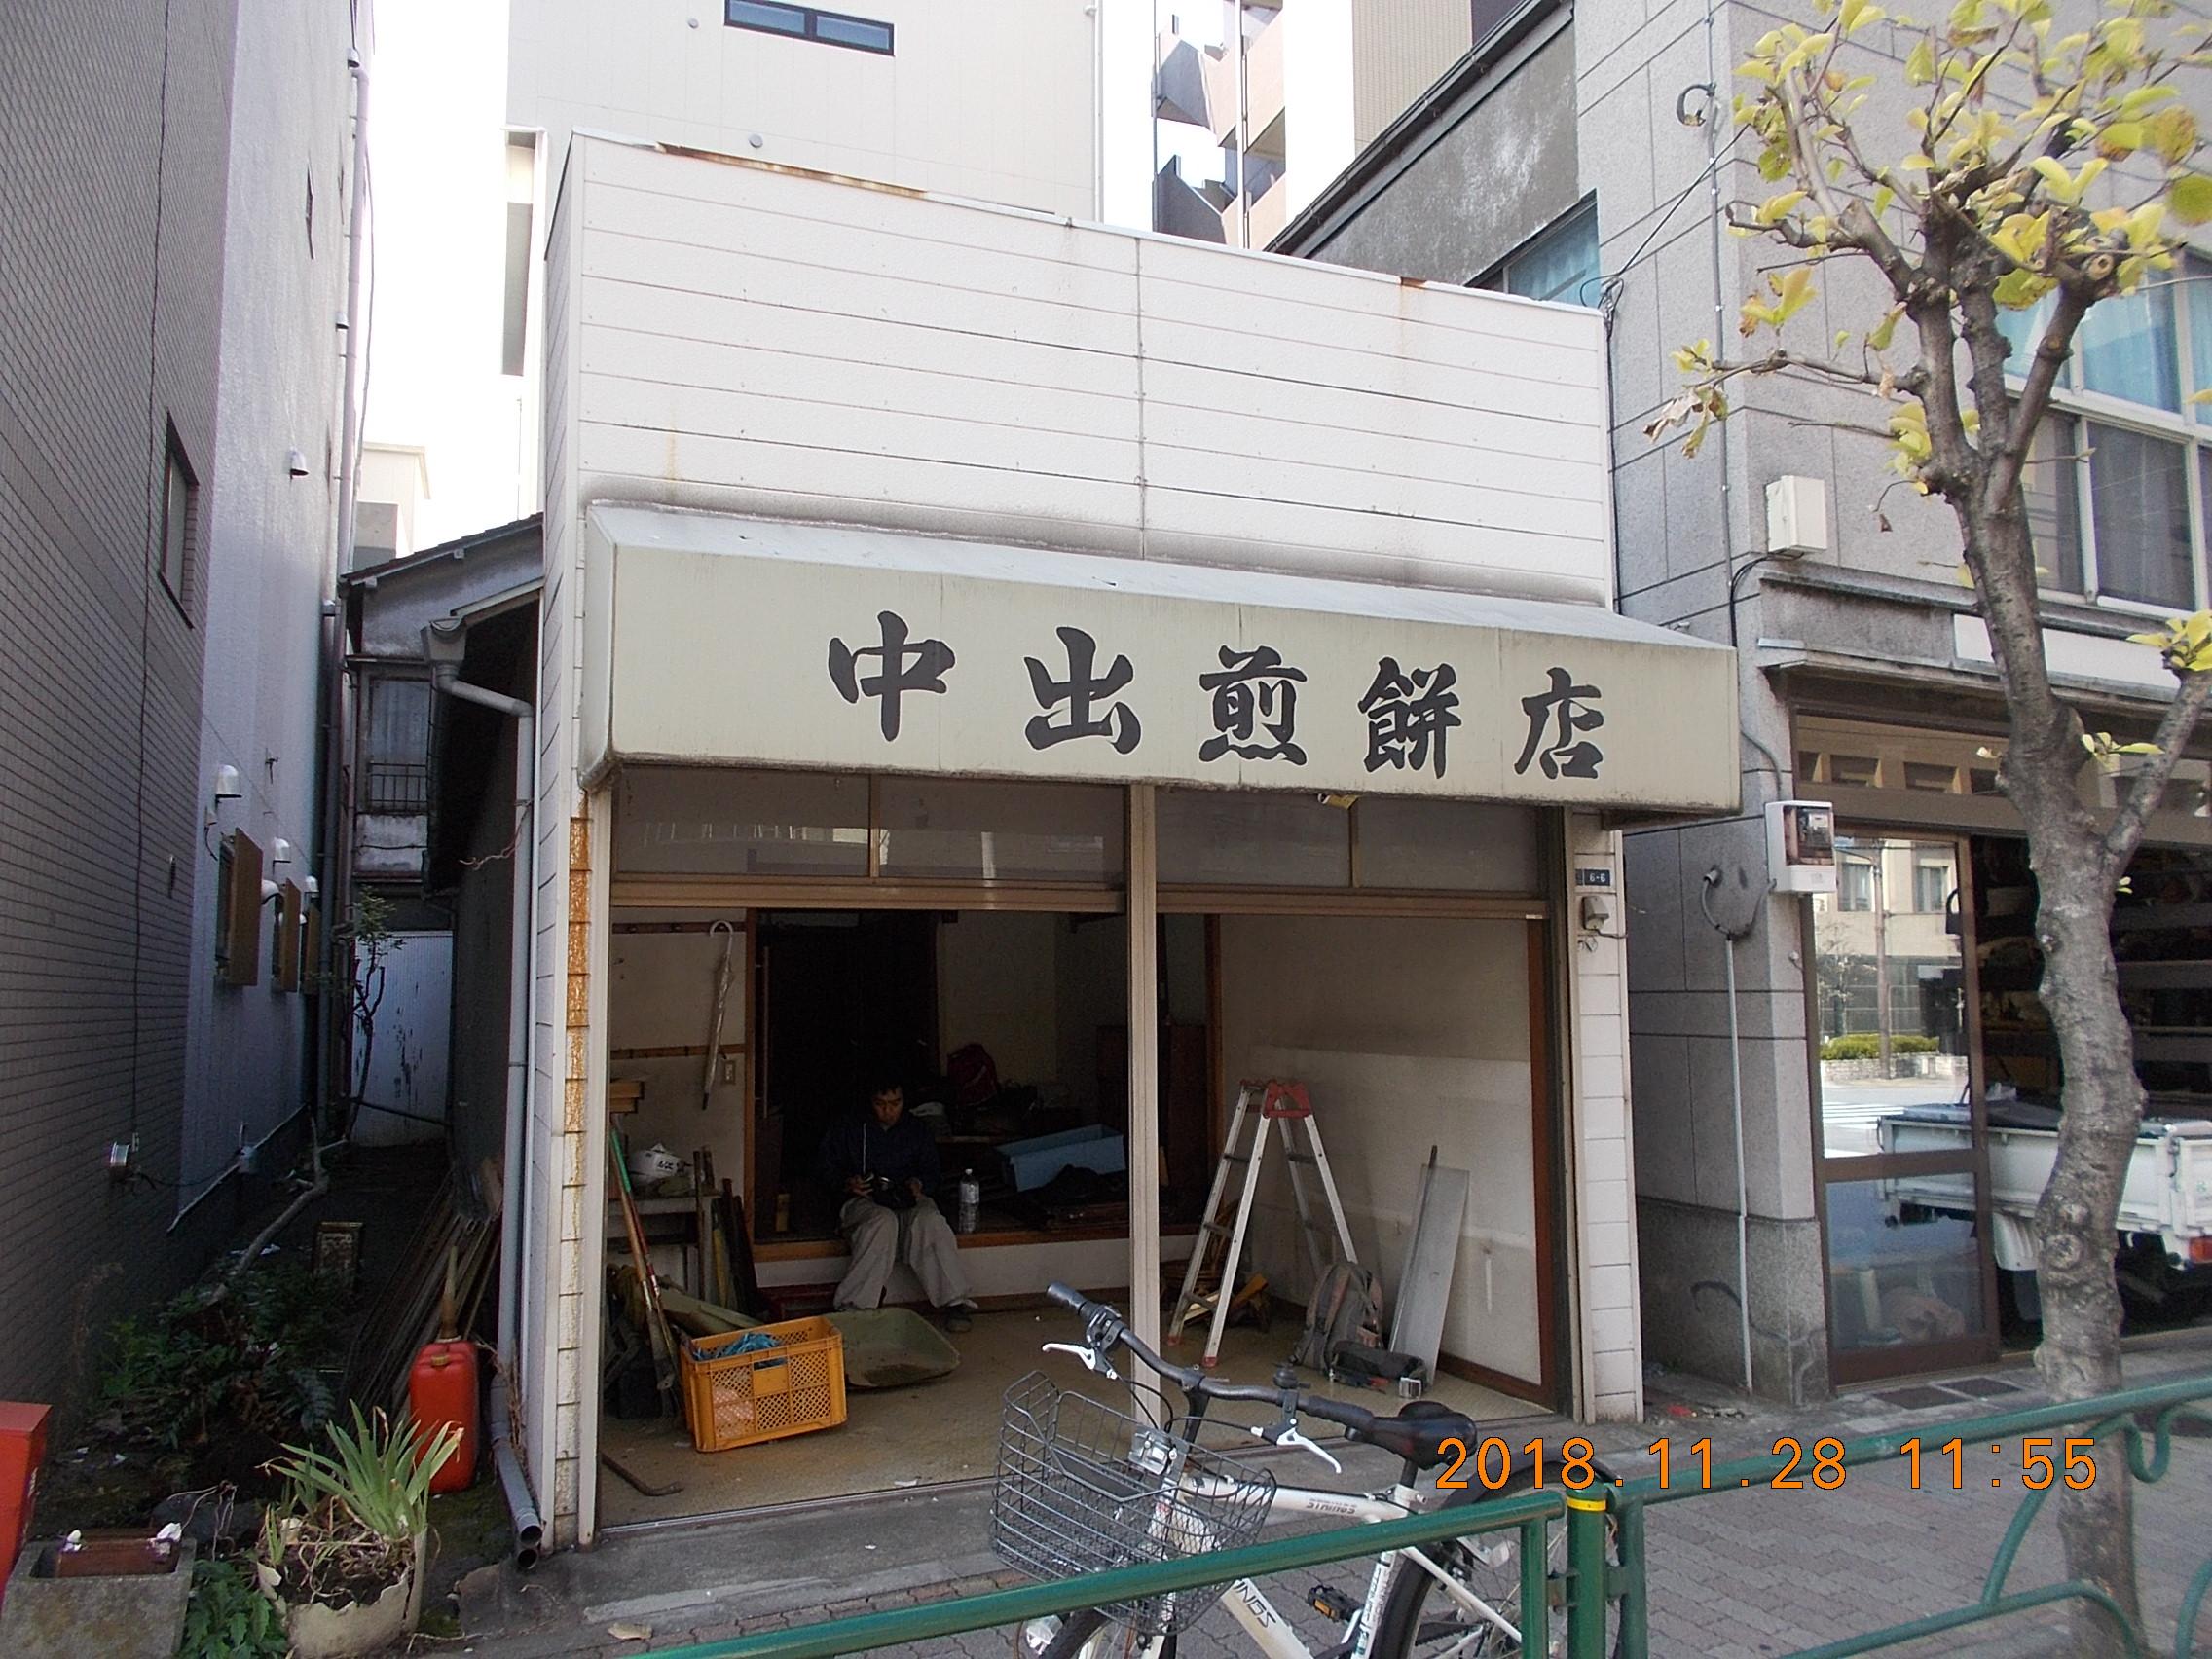 墨田区業平 店舗解体